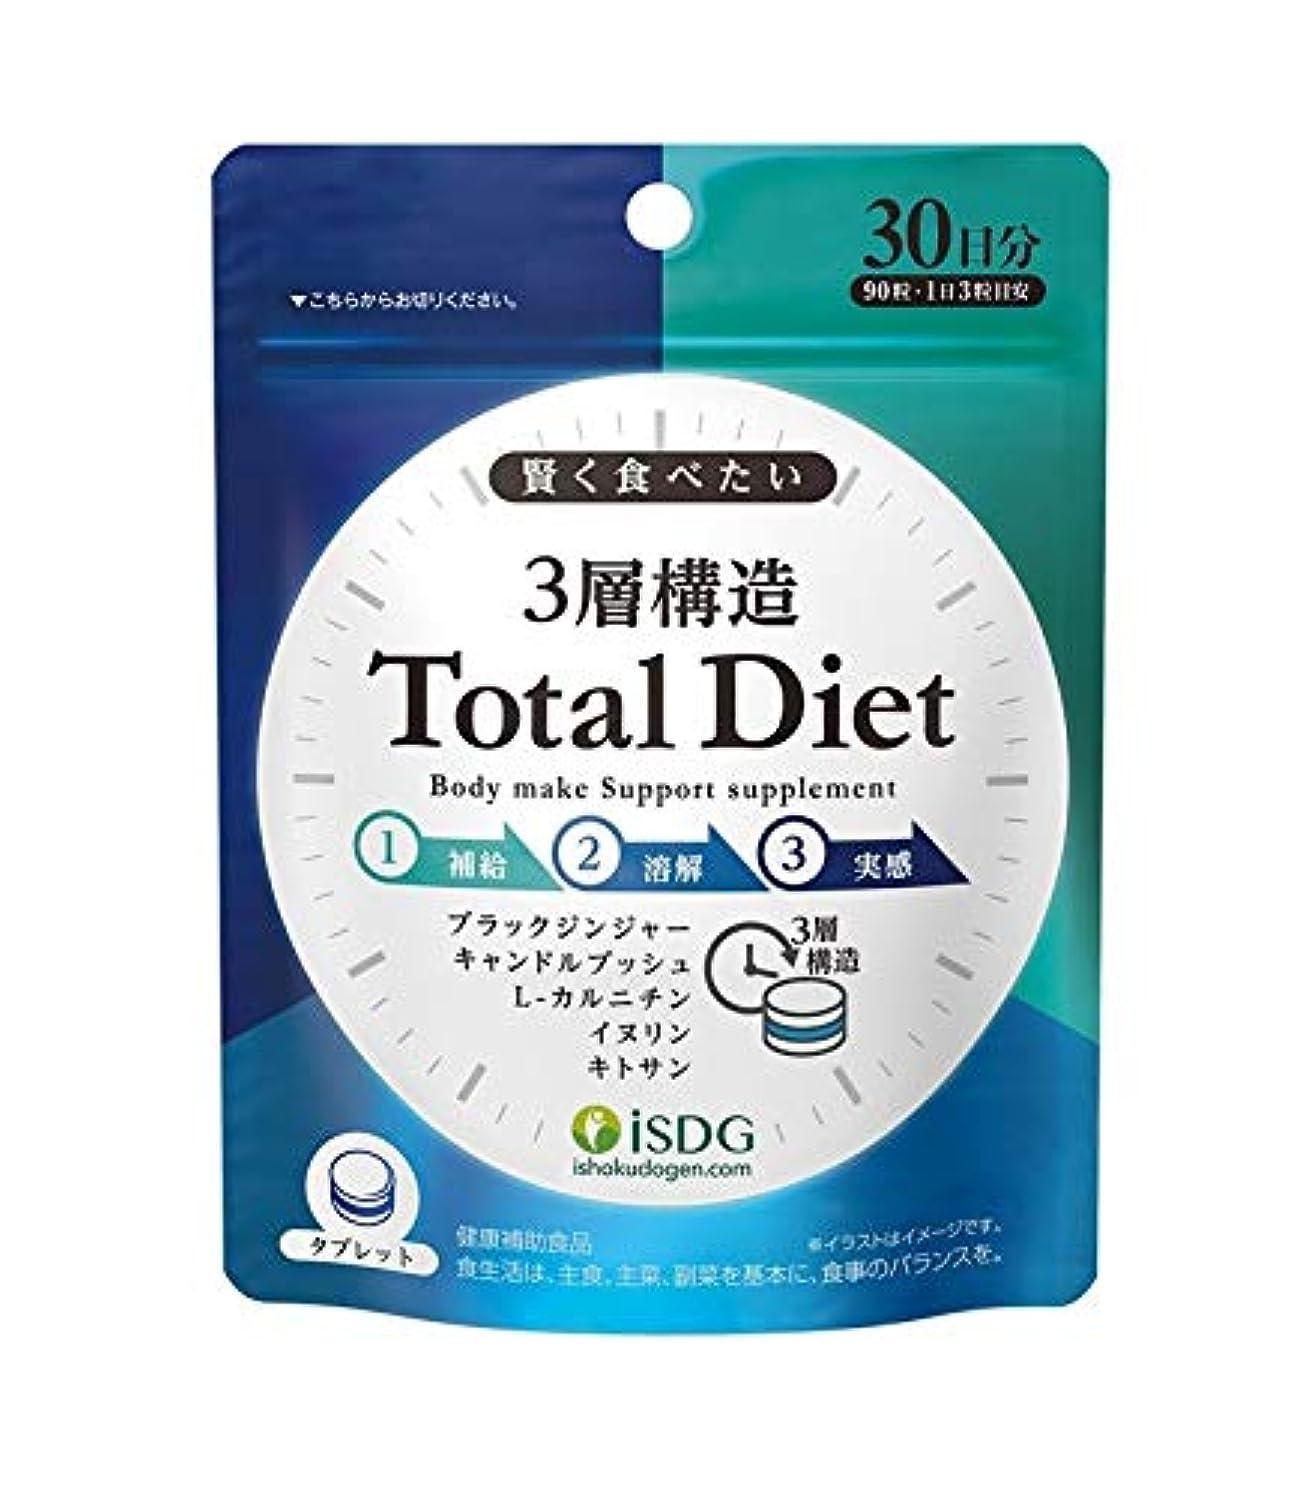 飲み込む存在非常に怒っています医食同源 3層構造Total Diet 90粒